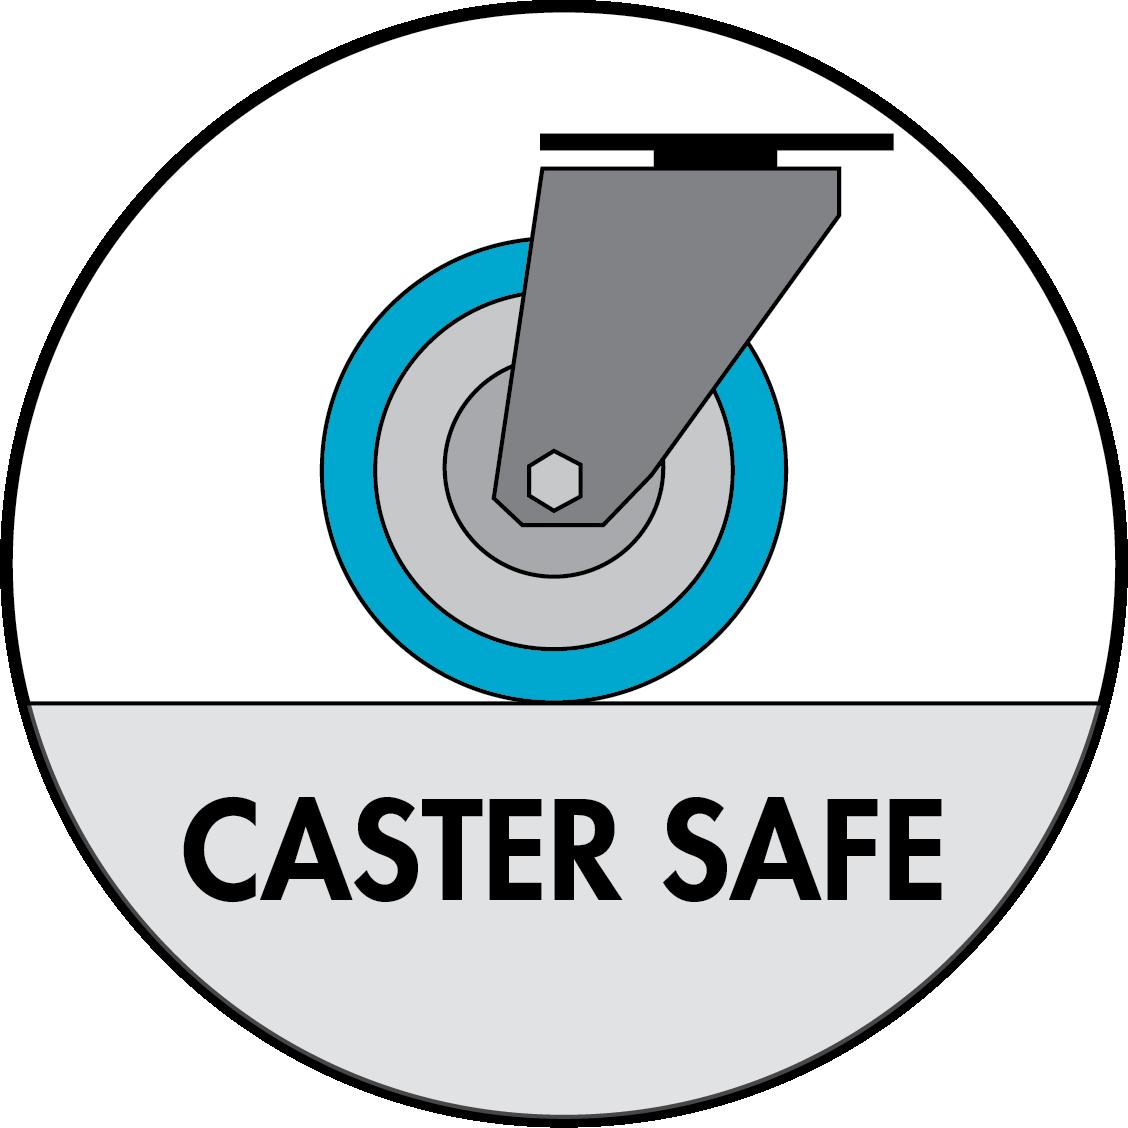 Caster Safe